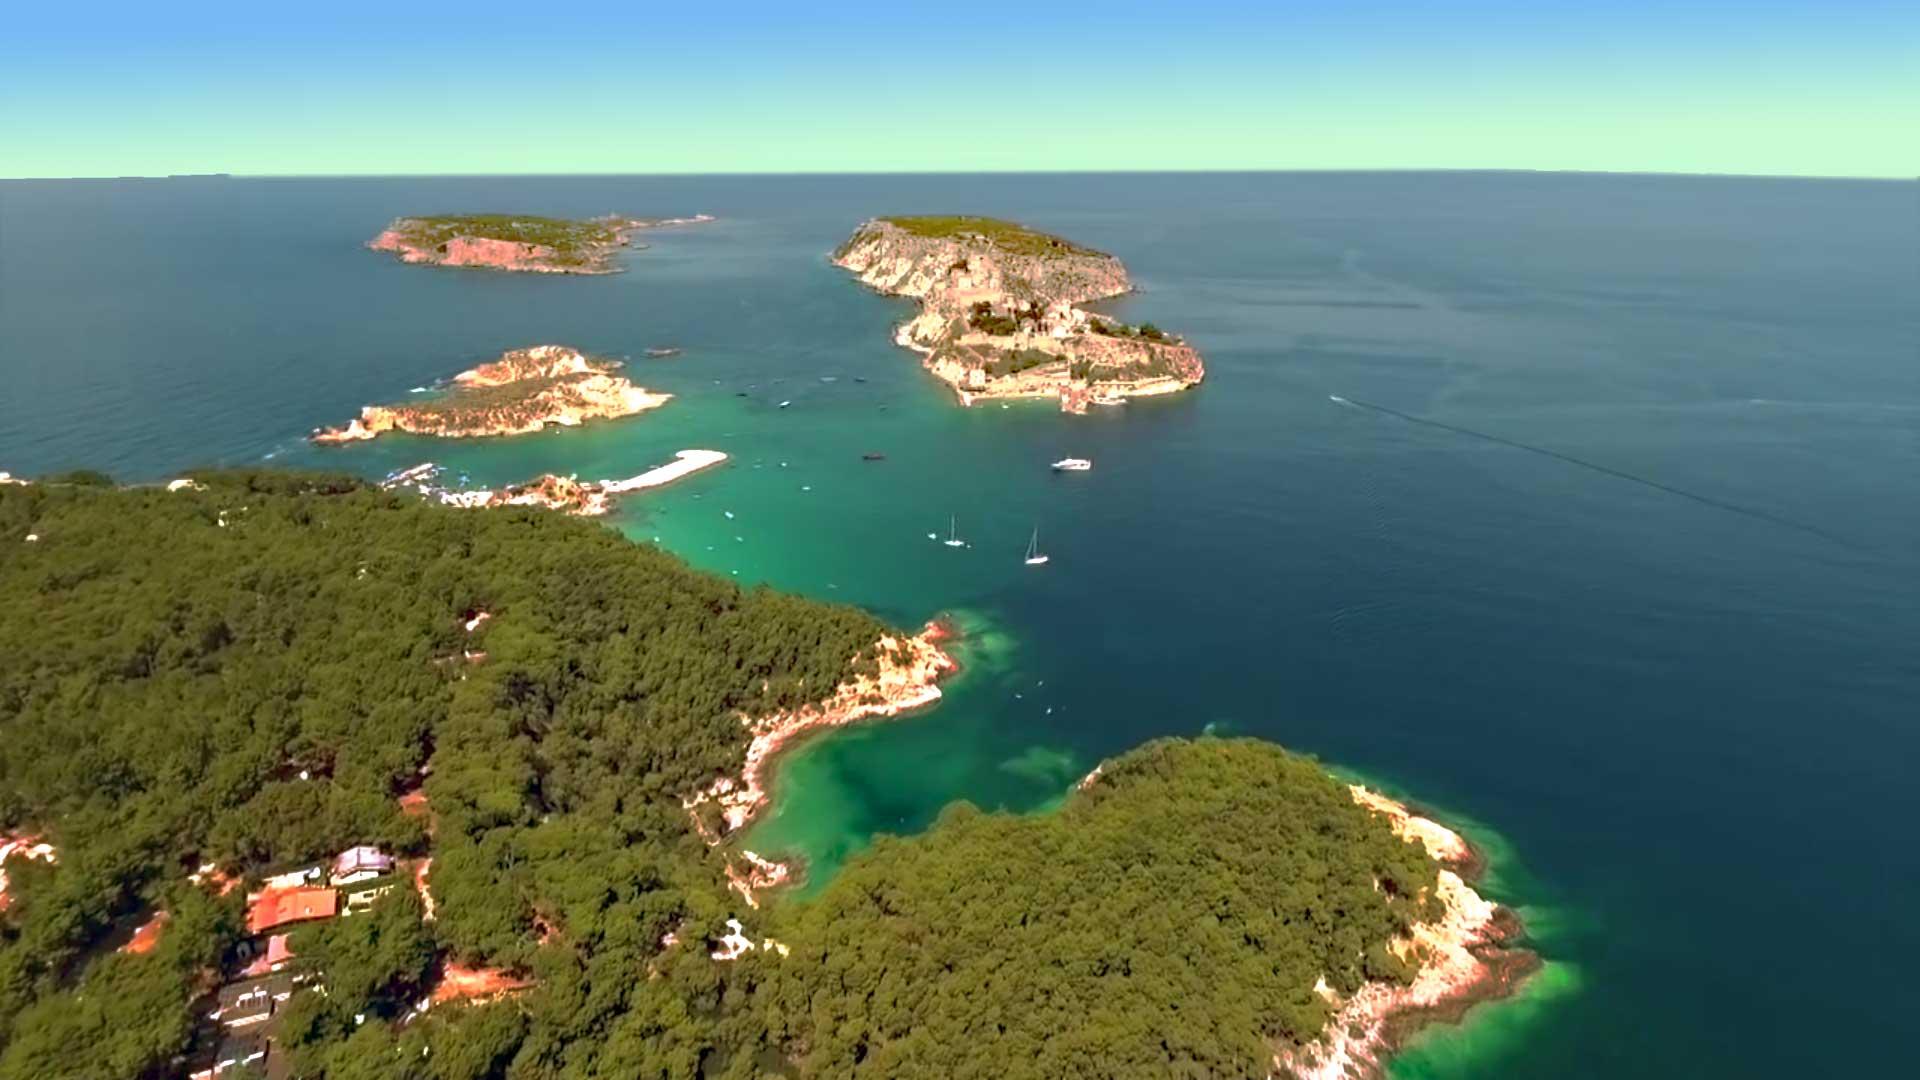 Elicottero Foggia Tremiti : Isole tremiti informazioni utili per visitarle e gli